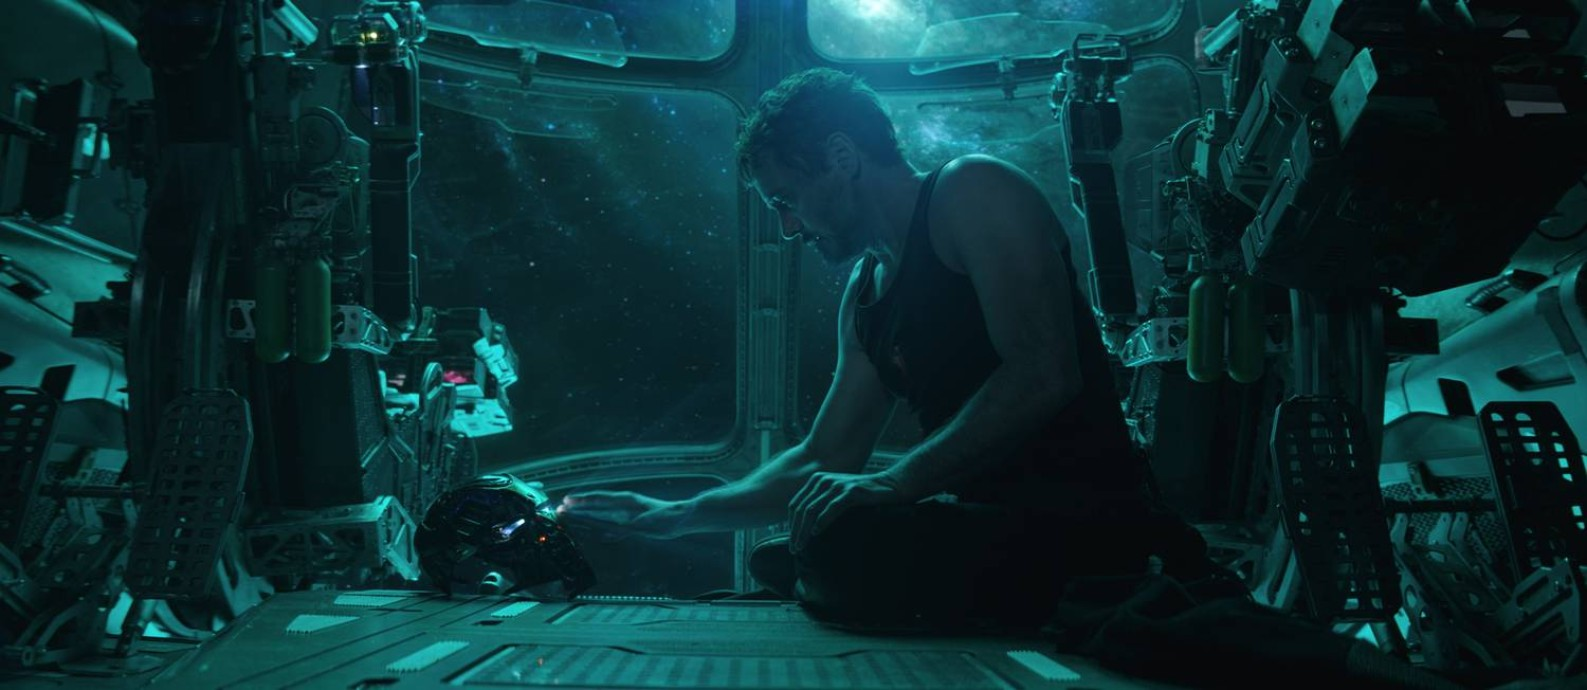 Tony Stark, o Homem de Ferro (Robert Downey Jr.), durante cena de 'Vingadores: Ultimato' Foto: null / Marvel Studios/Divulgação